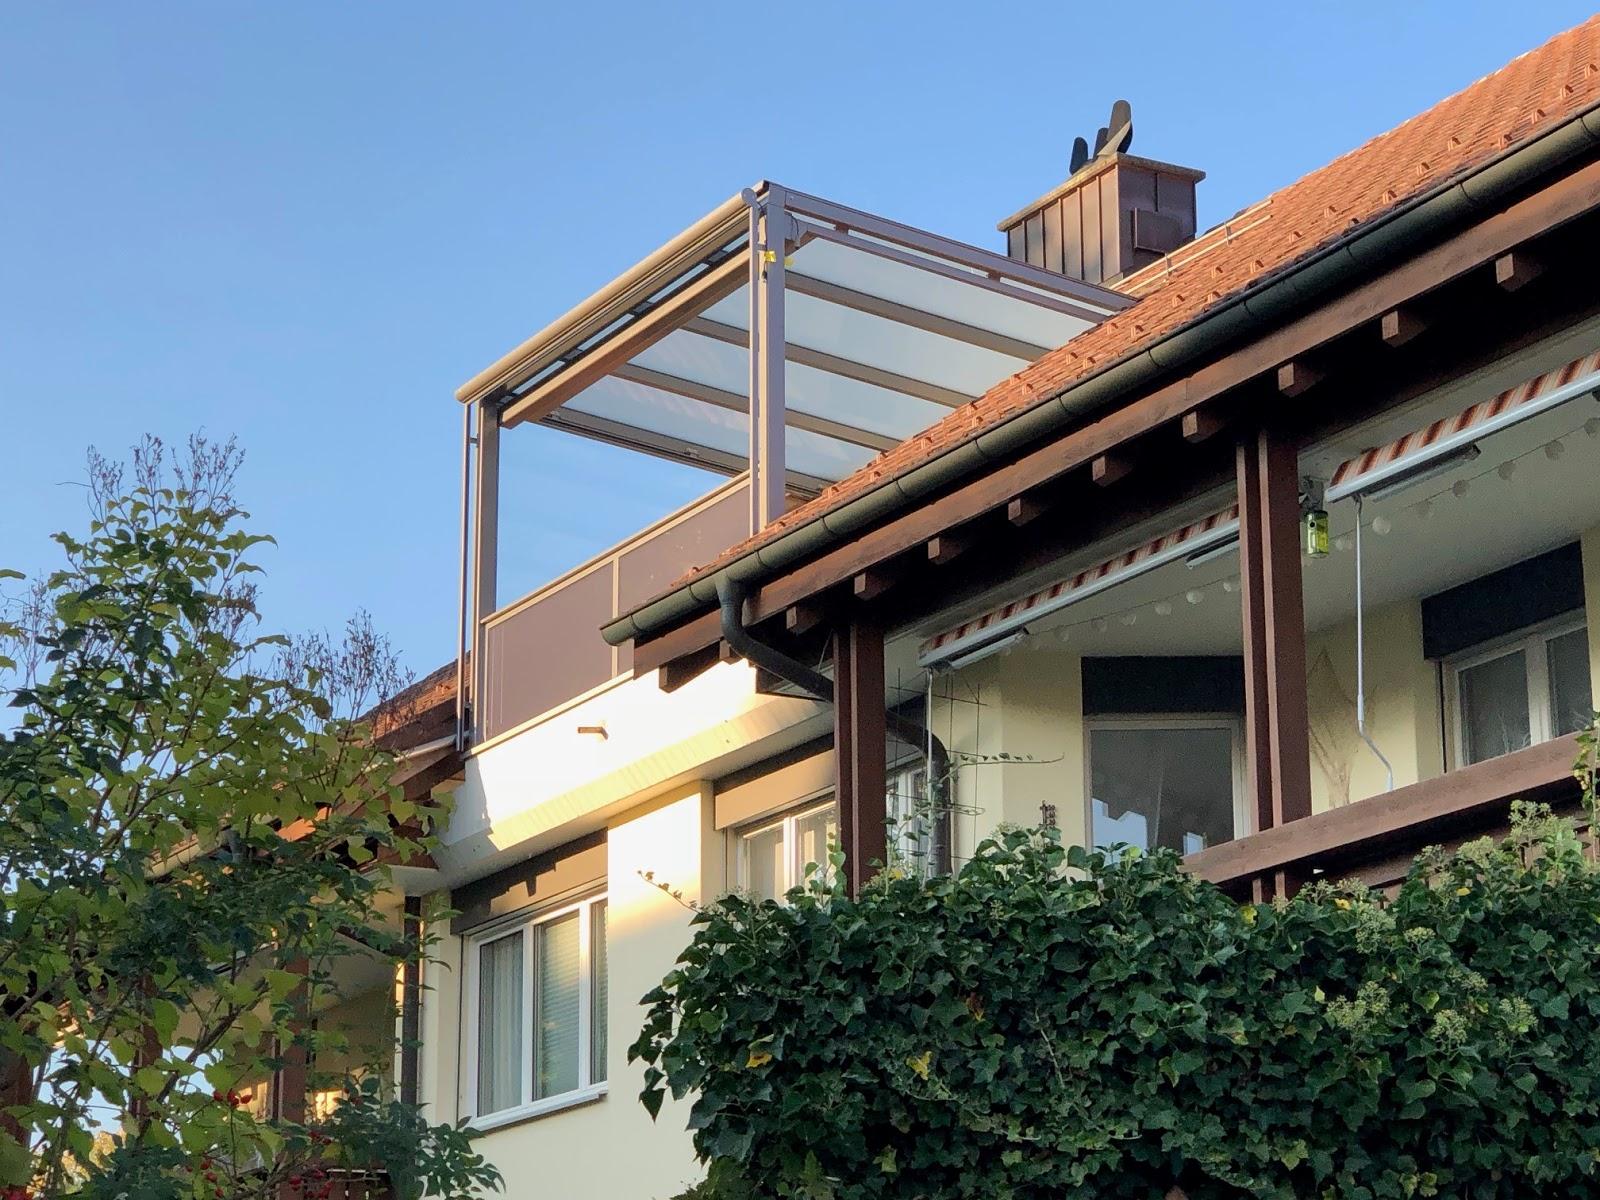 Sitzplatzüberdachung | Schibler Metallbauteile